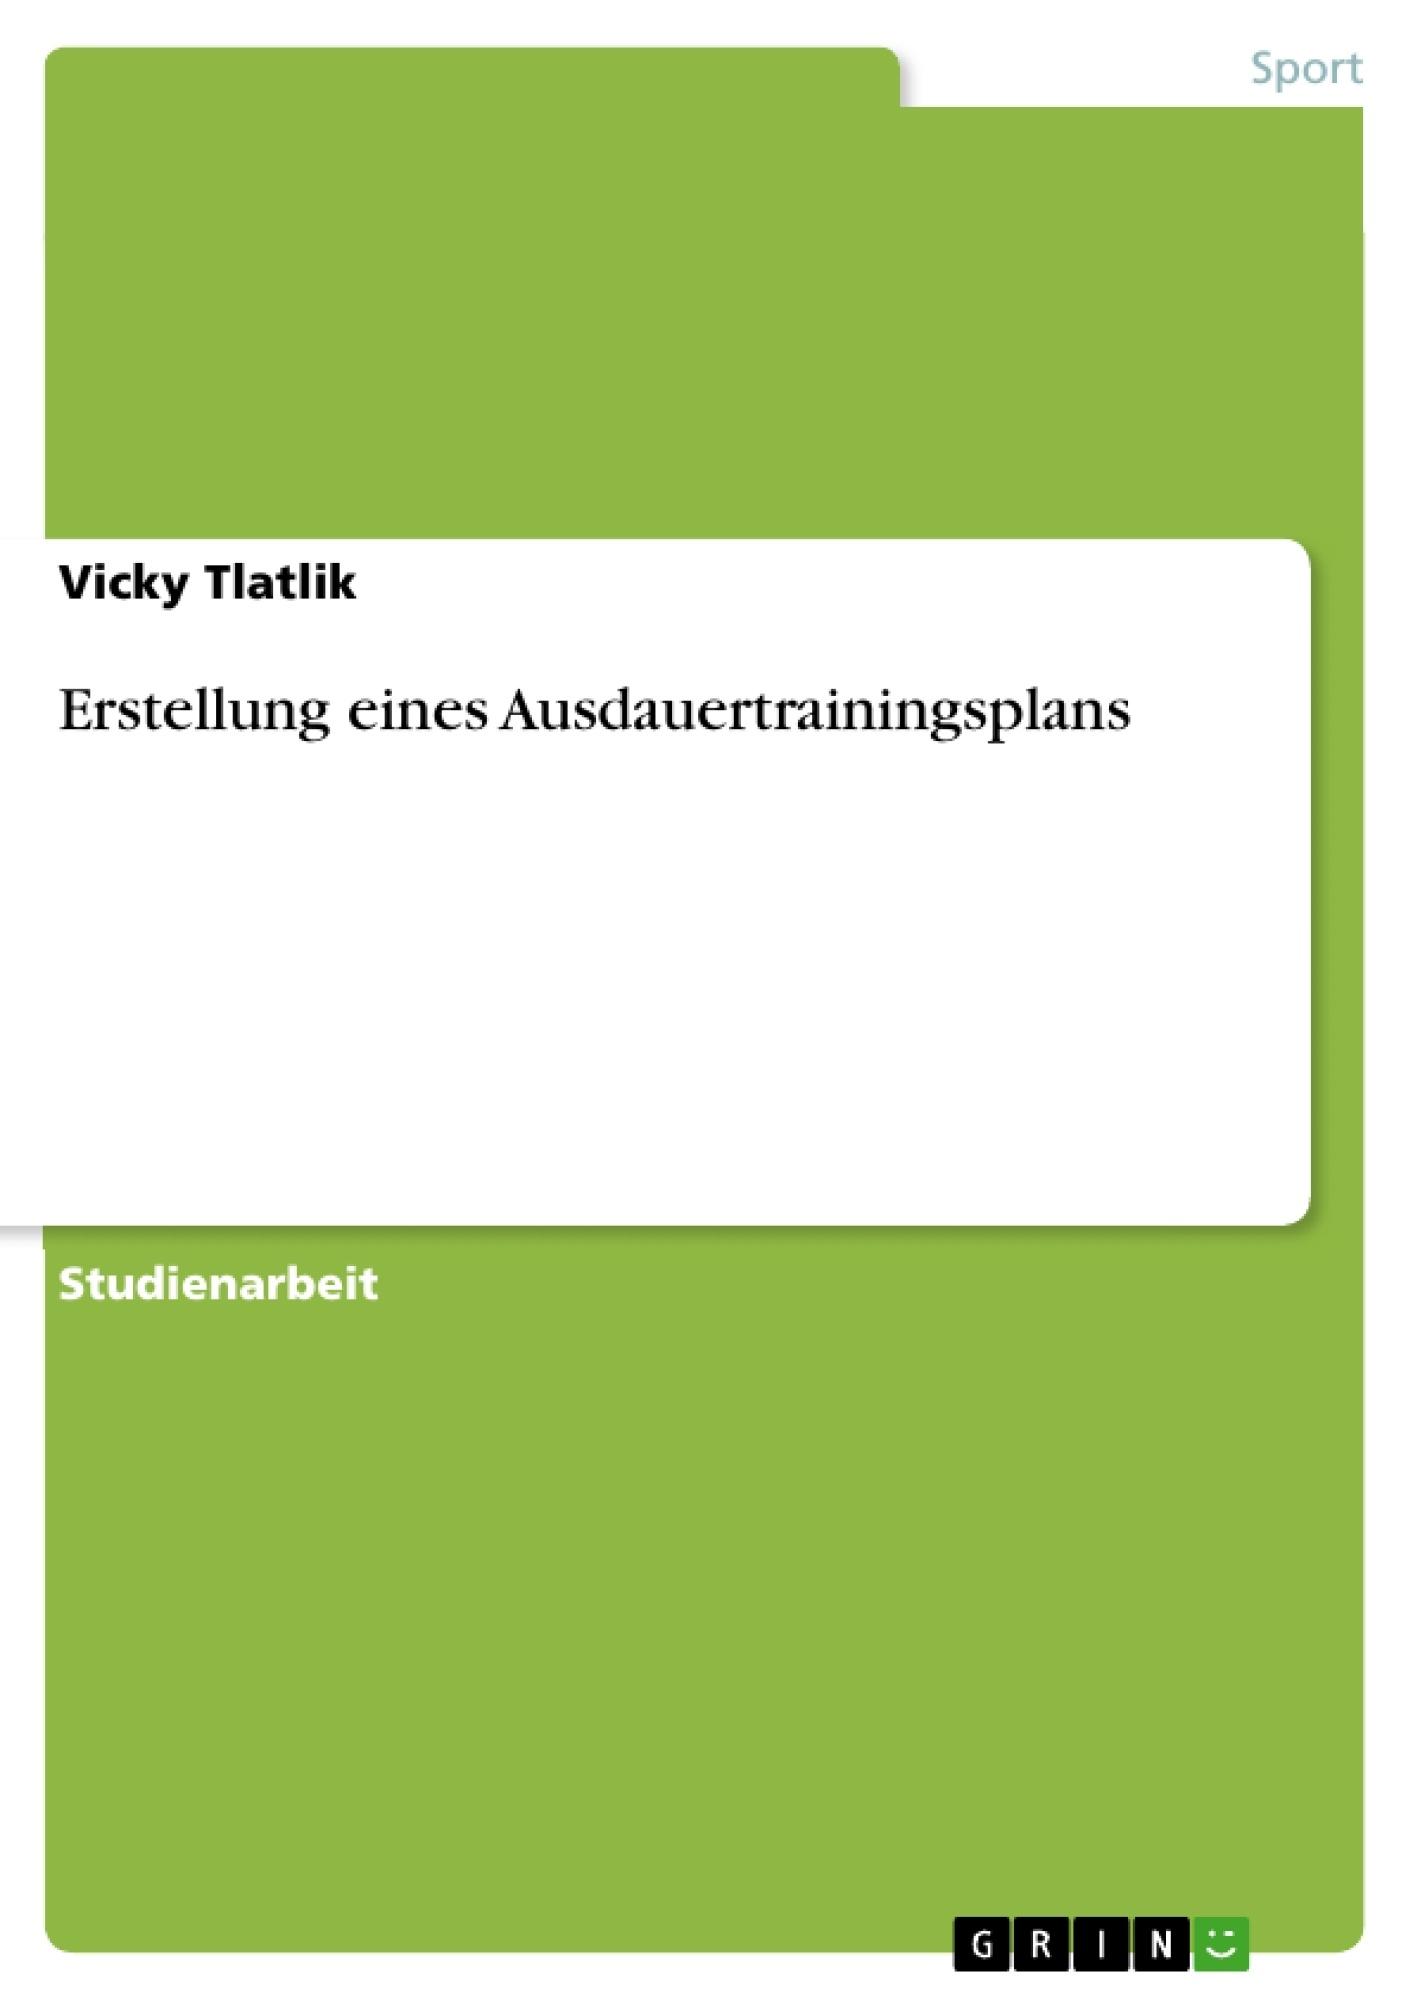 Titel: Erstellung eines Ausdauertrainingsplans